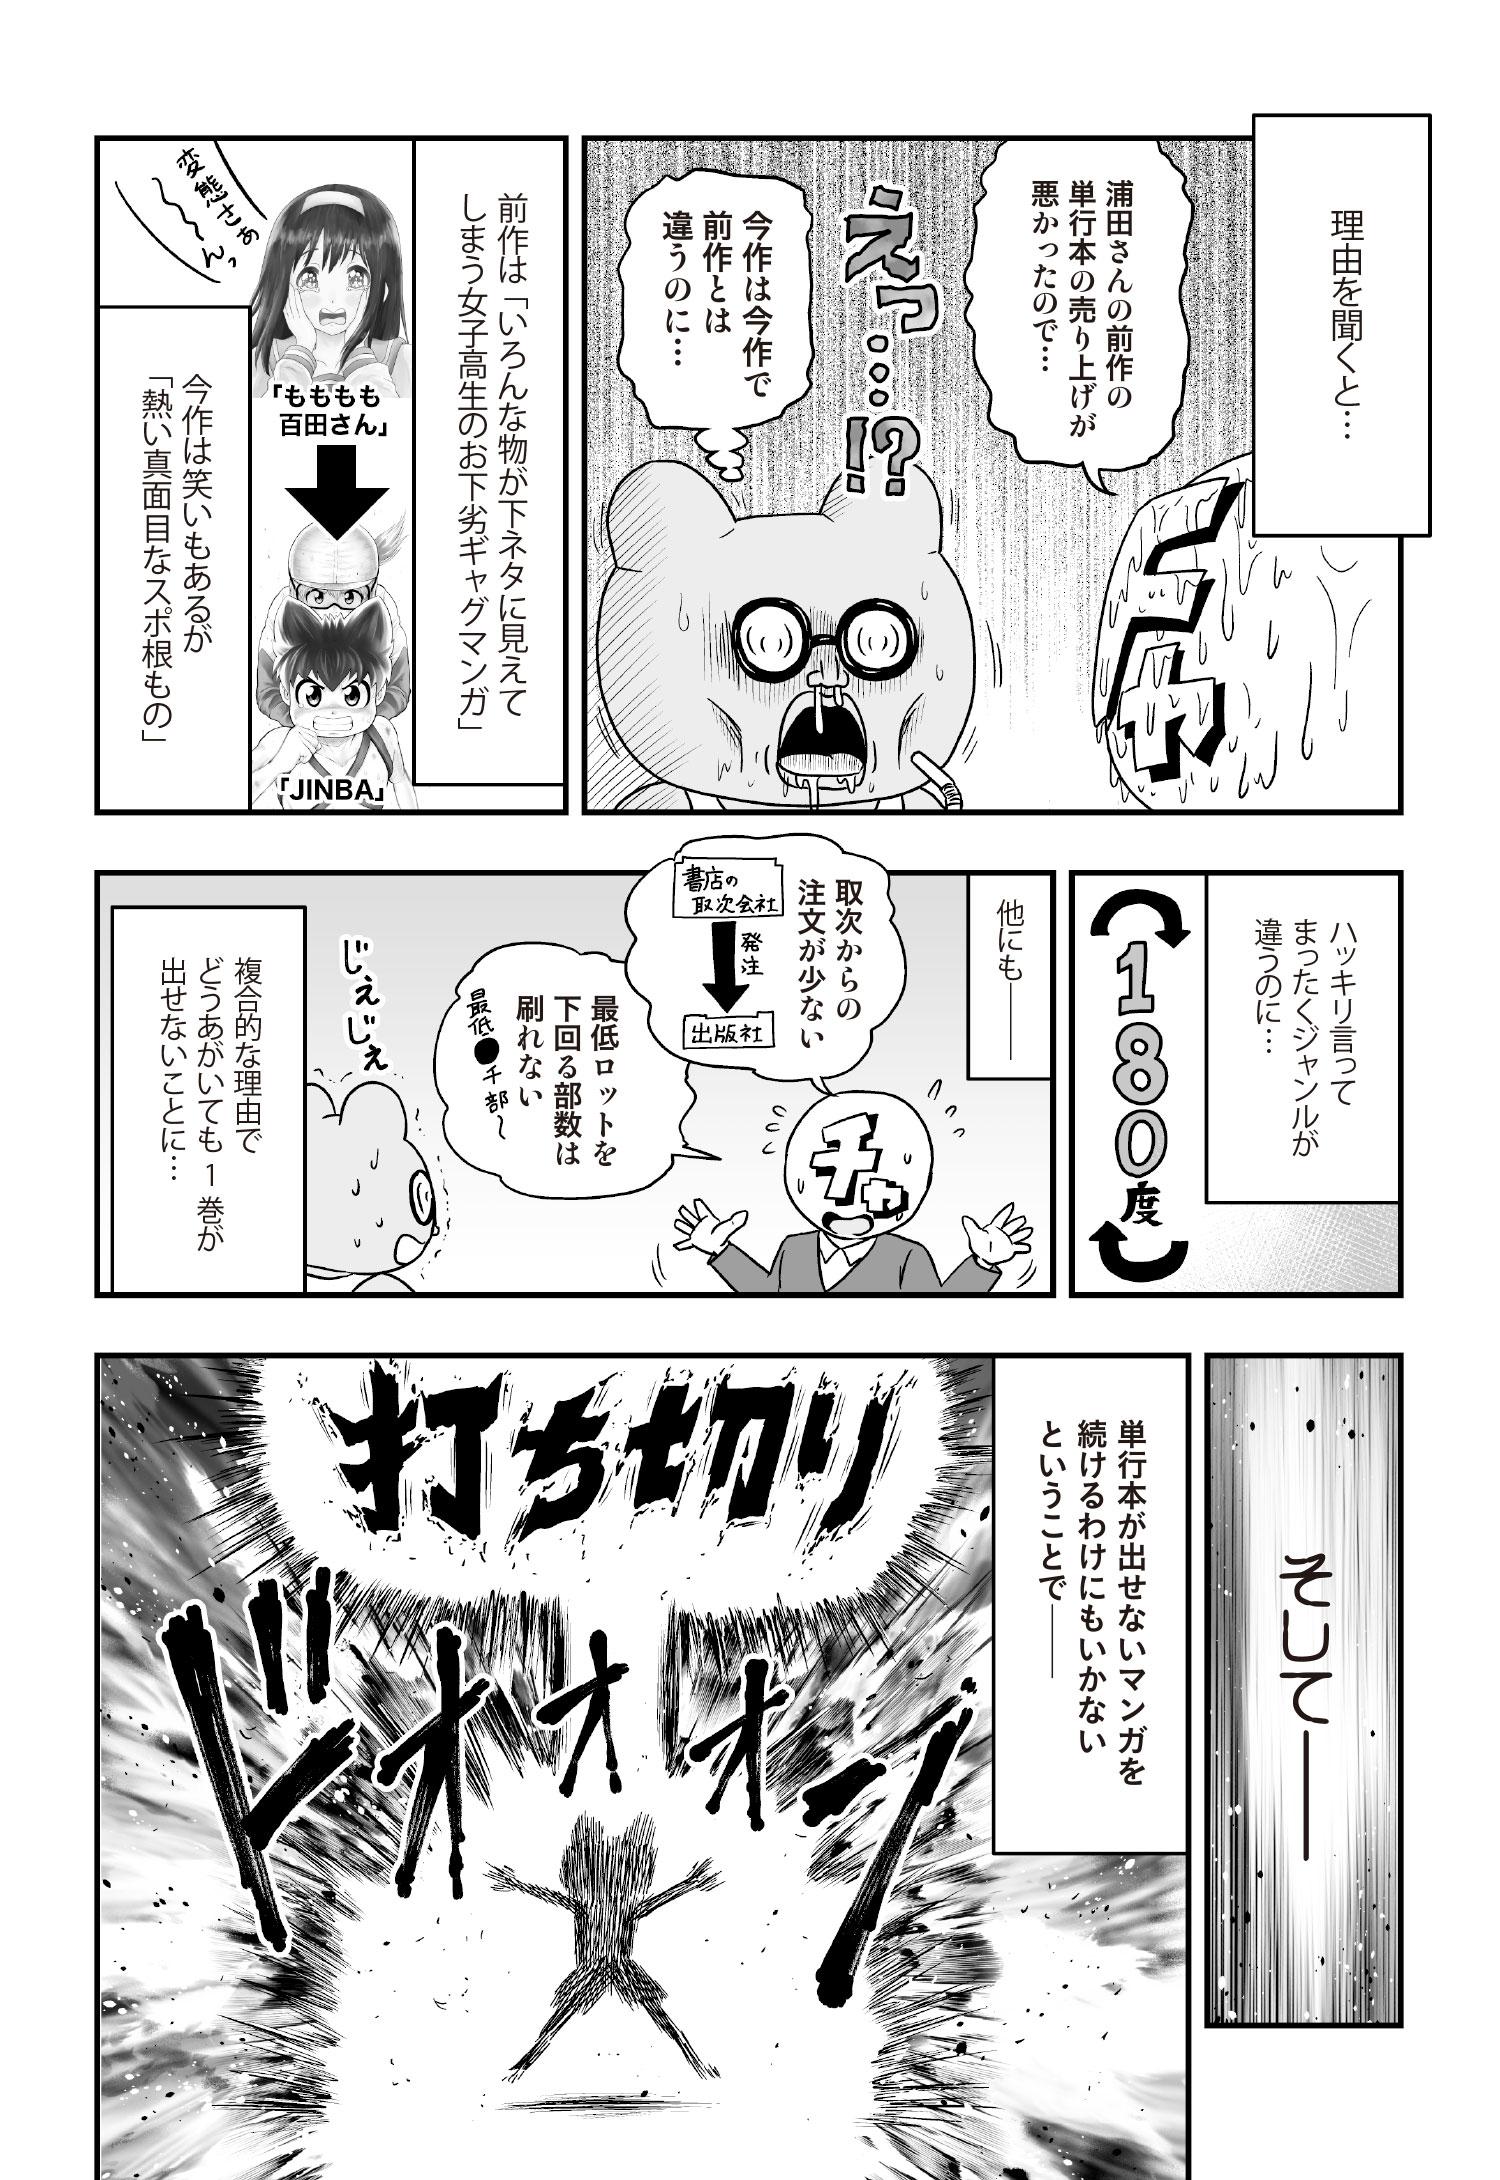 菊 の 紋 ニュース 皇室 是々非々 自 録